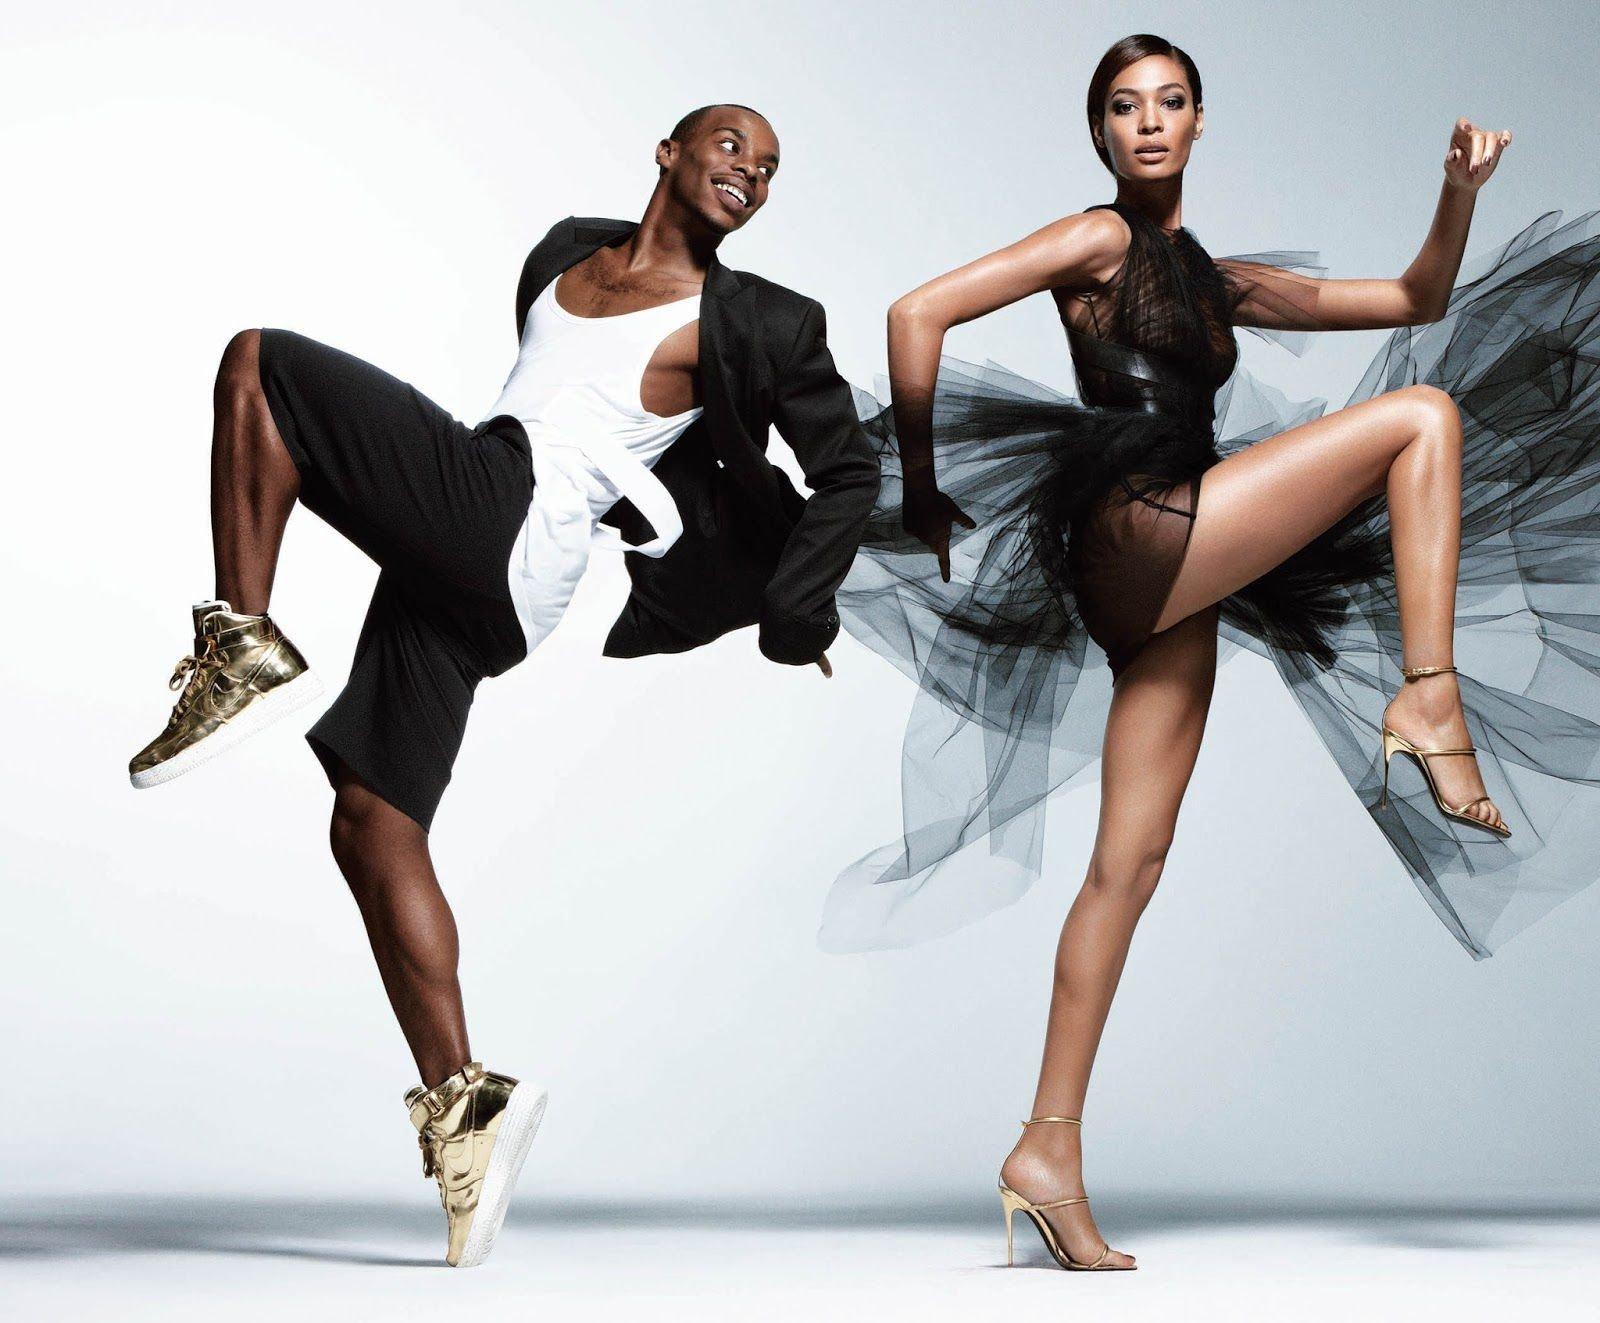 фотографии моделей в танце